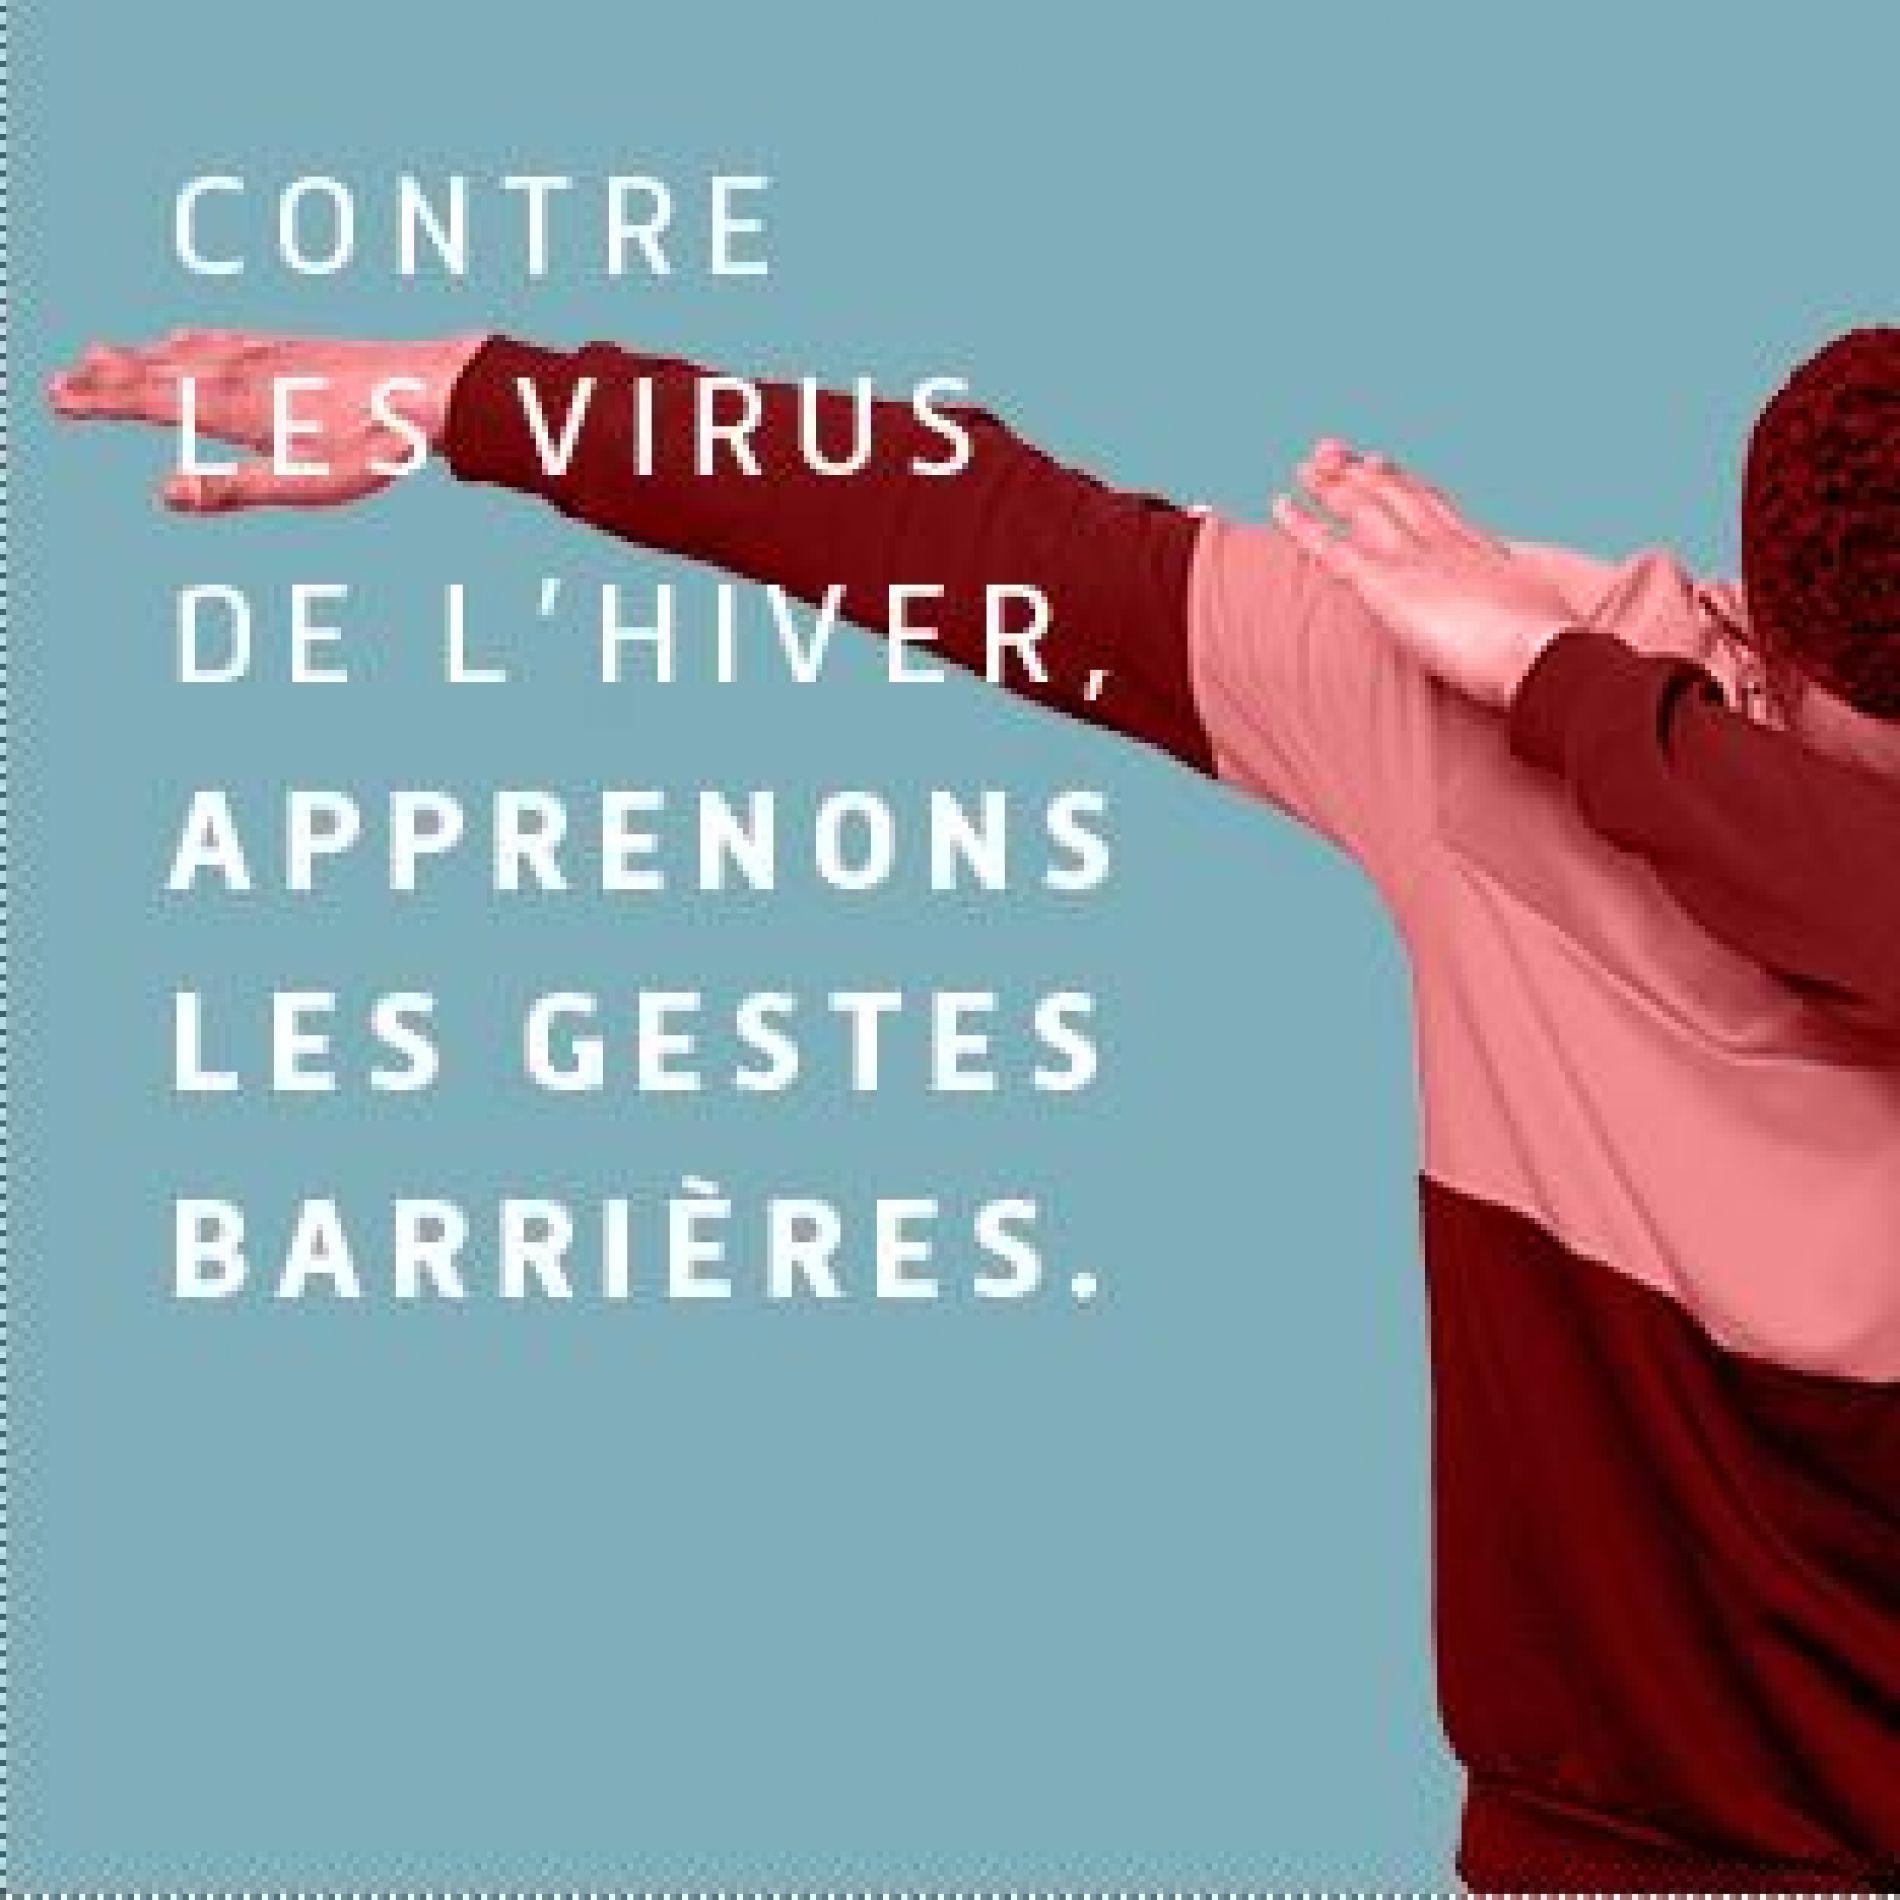 GESTES BARRIERES CONTRE LES EPIDEMIES HIVERNALES D'ORIGINE VIRALE